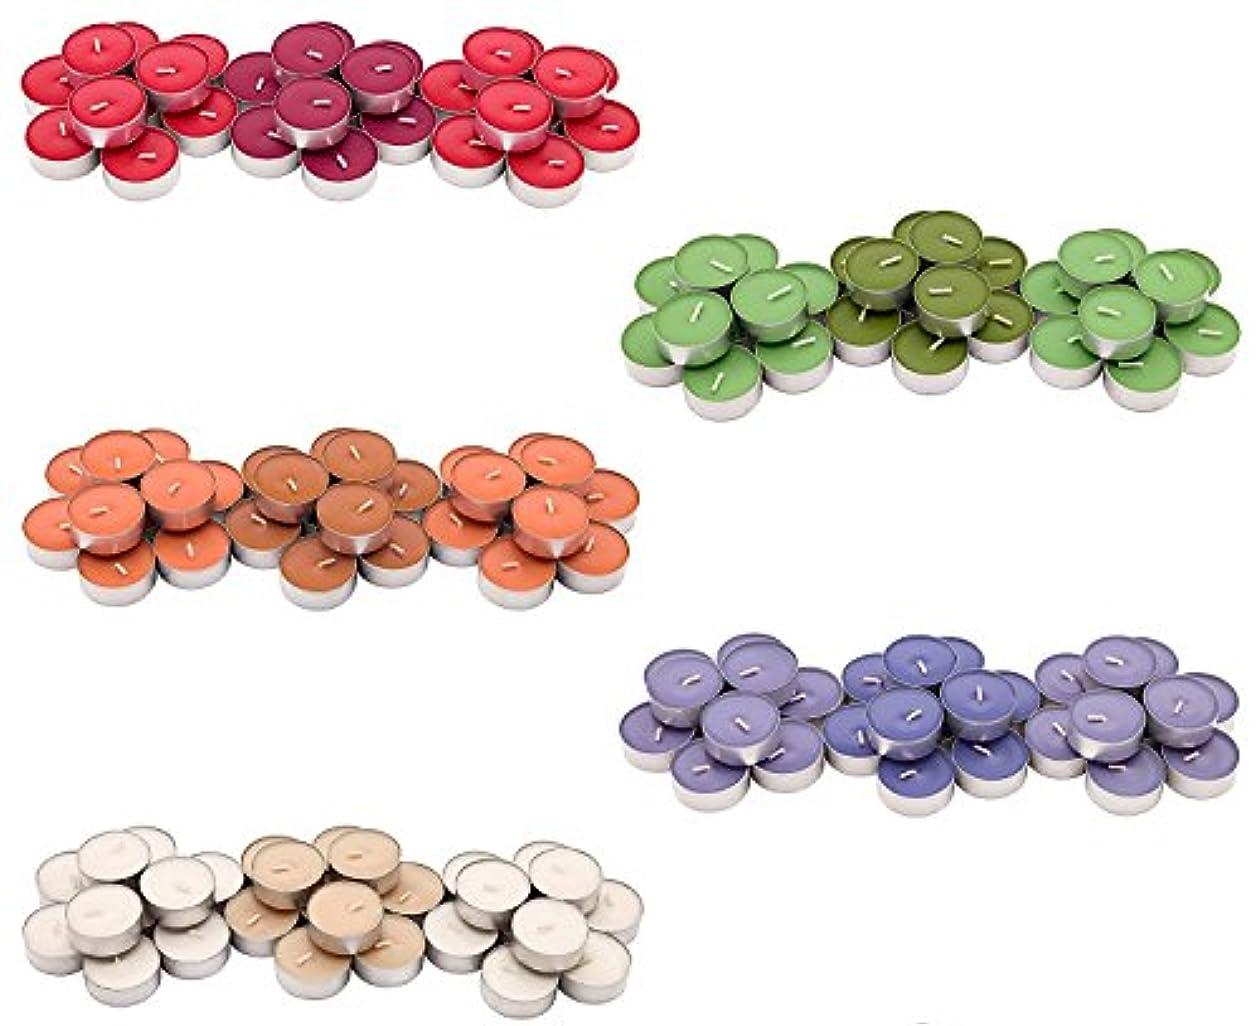 共役キャッチ気性IKEA SINNLIG 香り付ティーライト 30ピース × 5種類(レッドガーデンベリー、ピーチ&オレンジ、スイートバニラ、リンゴ&洋ナシ、ブラックベリー)